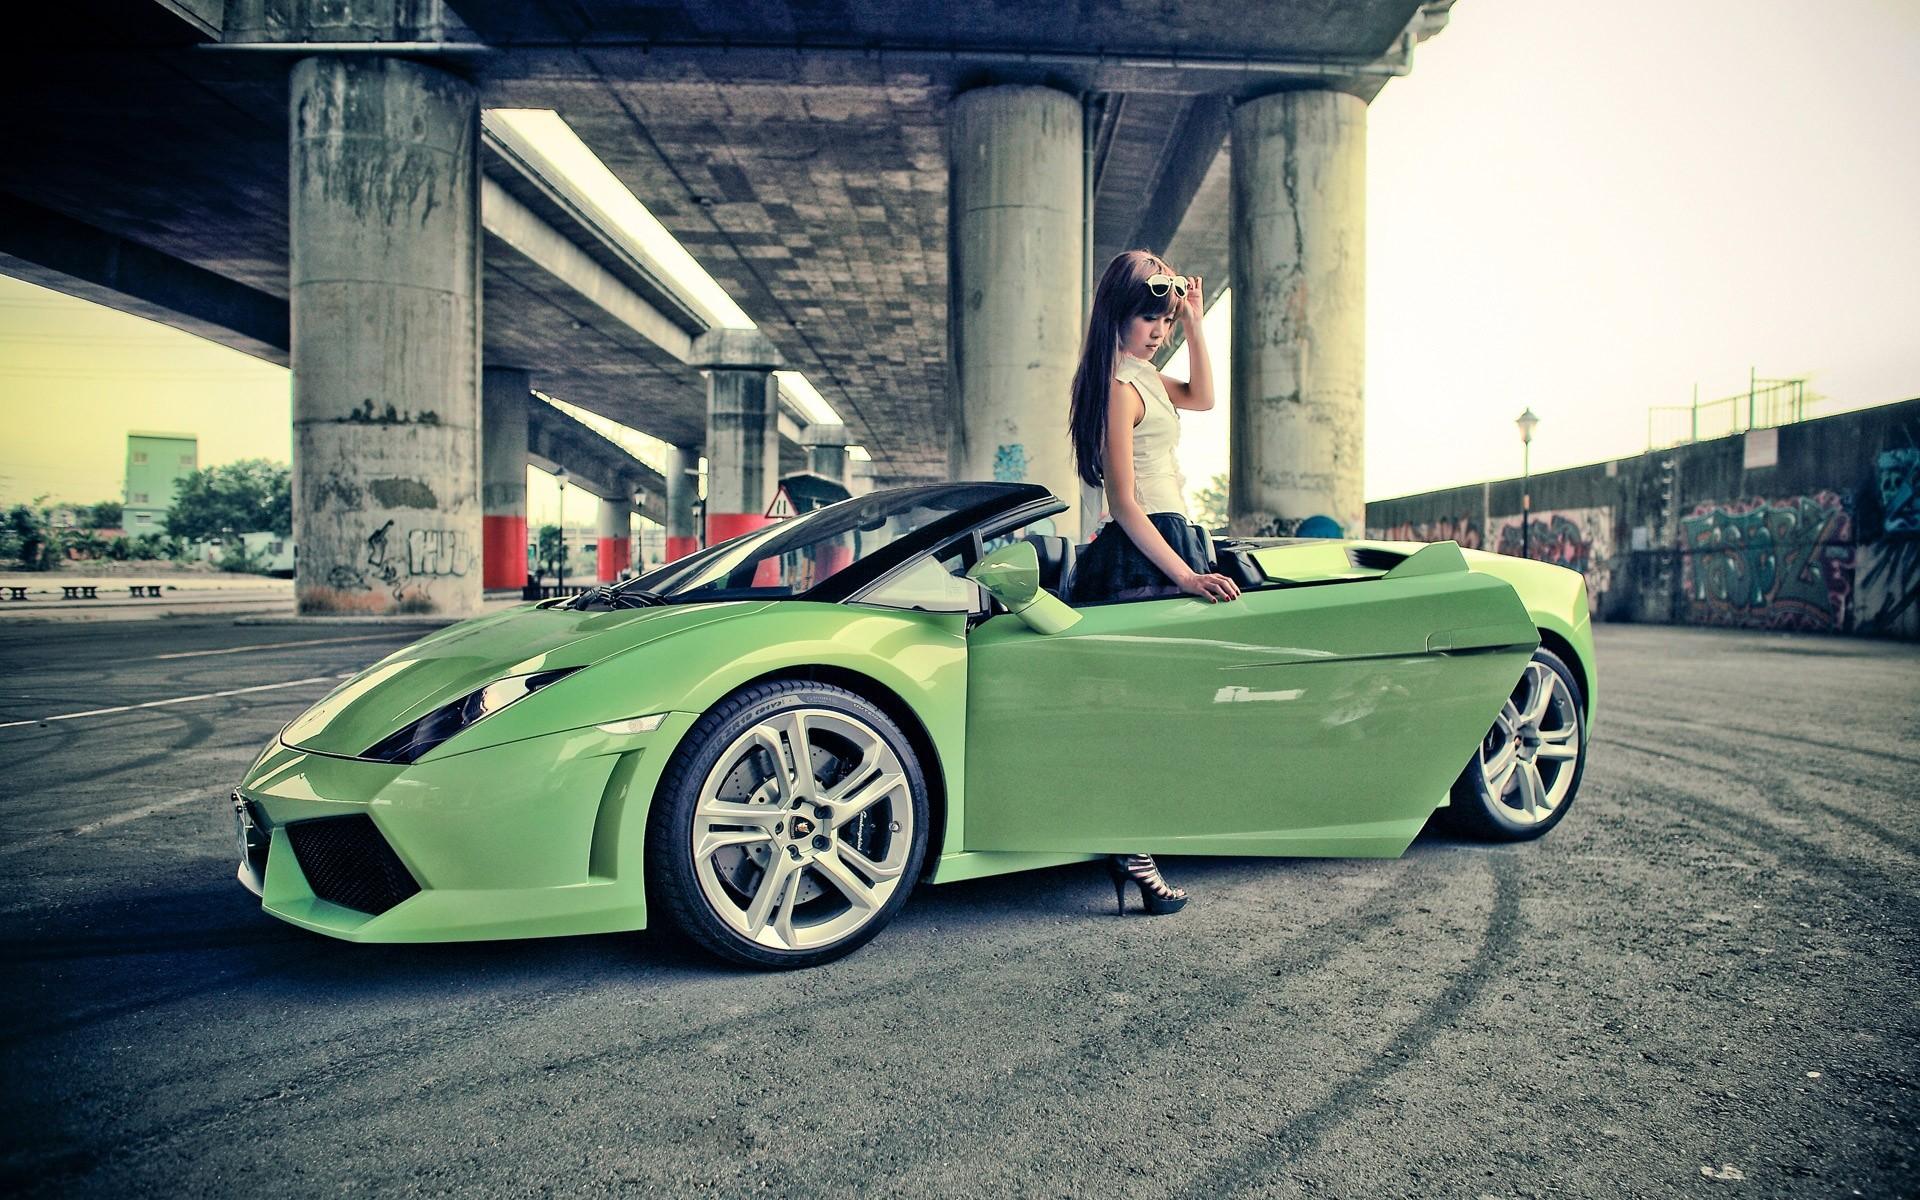 women models lamborghini sunglasses versus italian supercars girls with cars lamborghini gallardo spyder green cars wallpaper 1920x1200 9521 - Lamborghini Gallardo Spyder Green